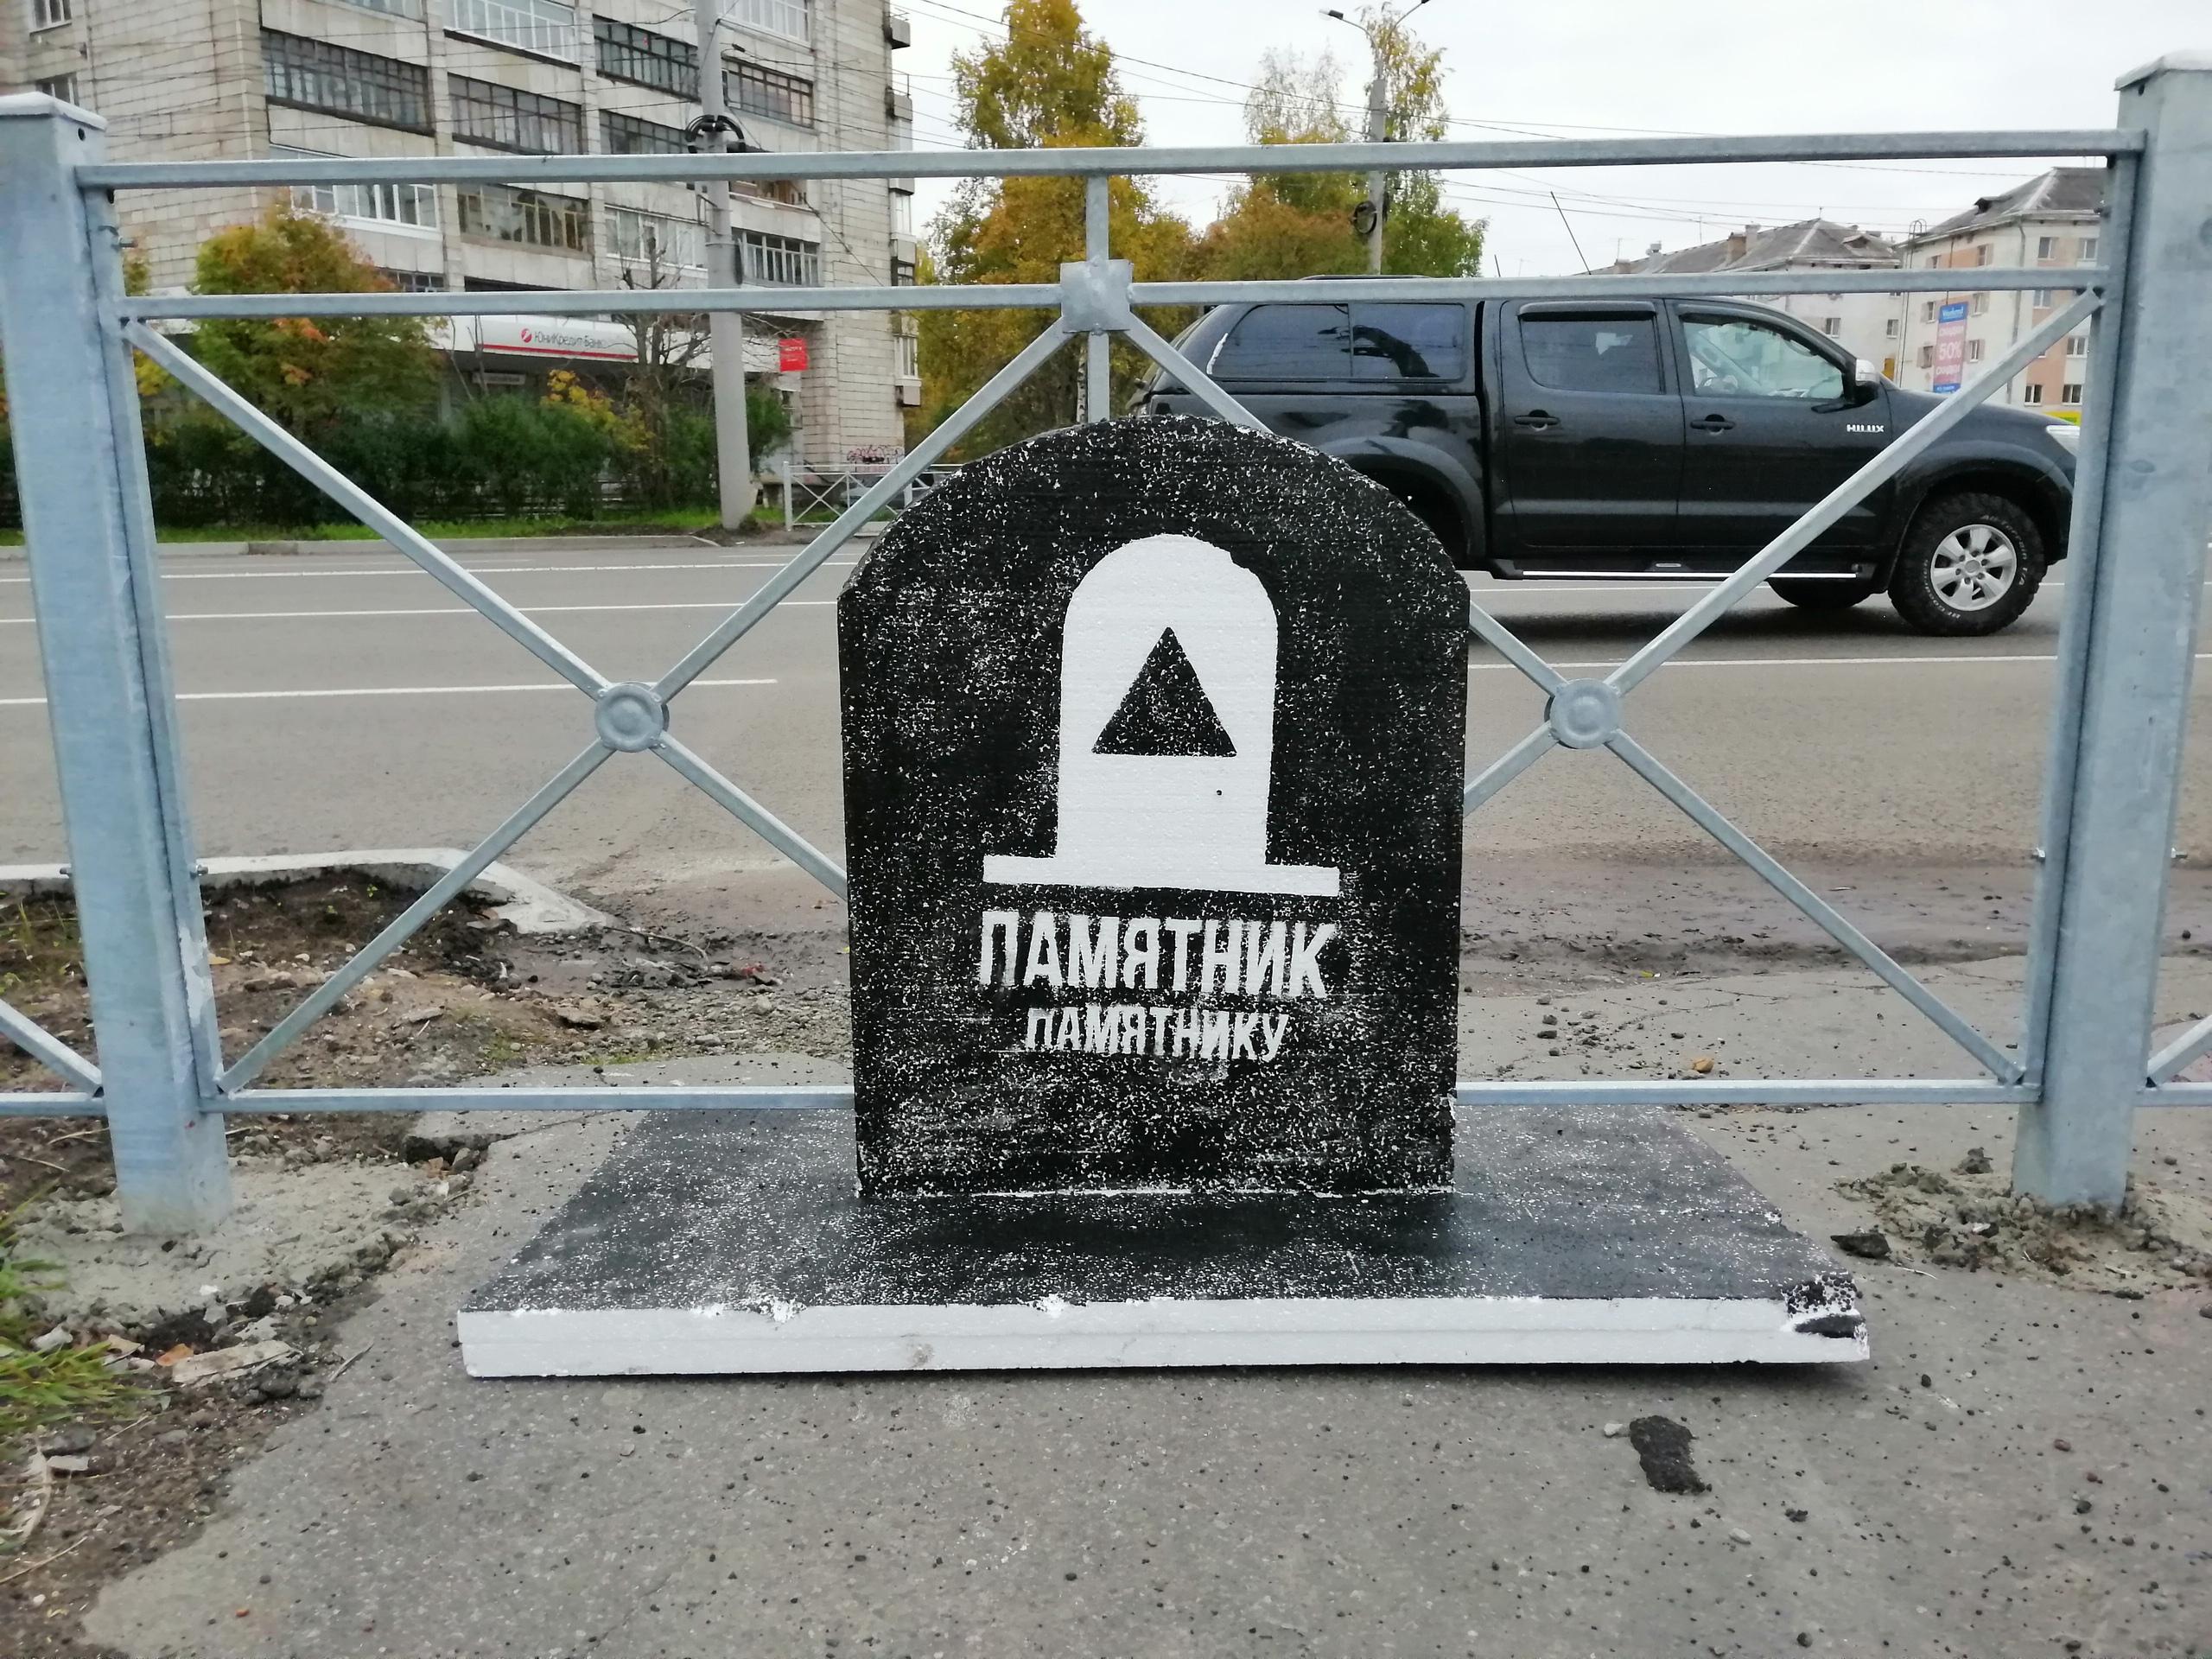 фото ЗакС политика В Архангельске установили надгробие в память об исчезнувшем пешеходном переходе